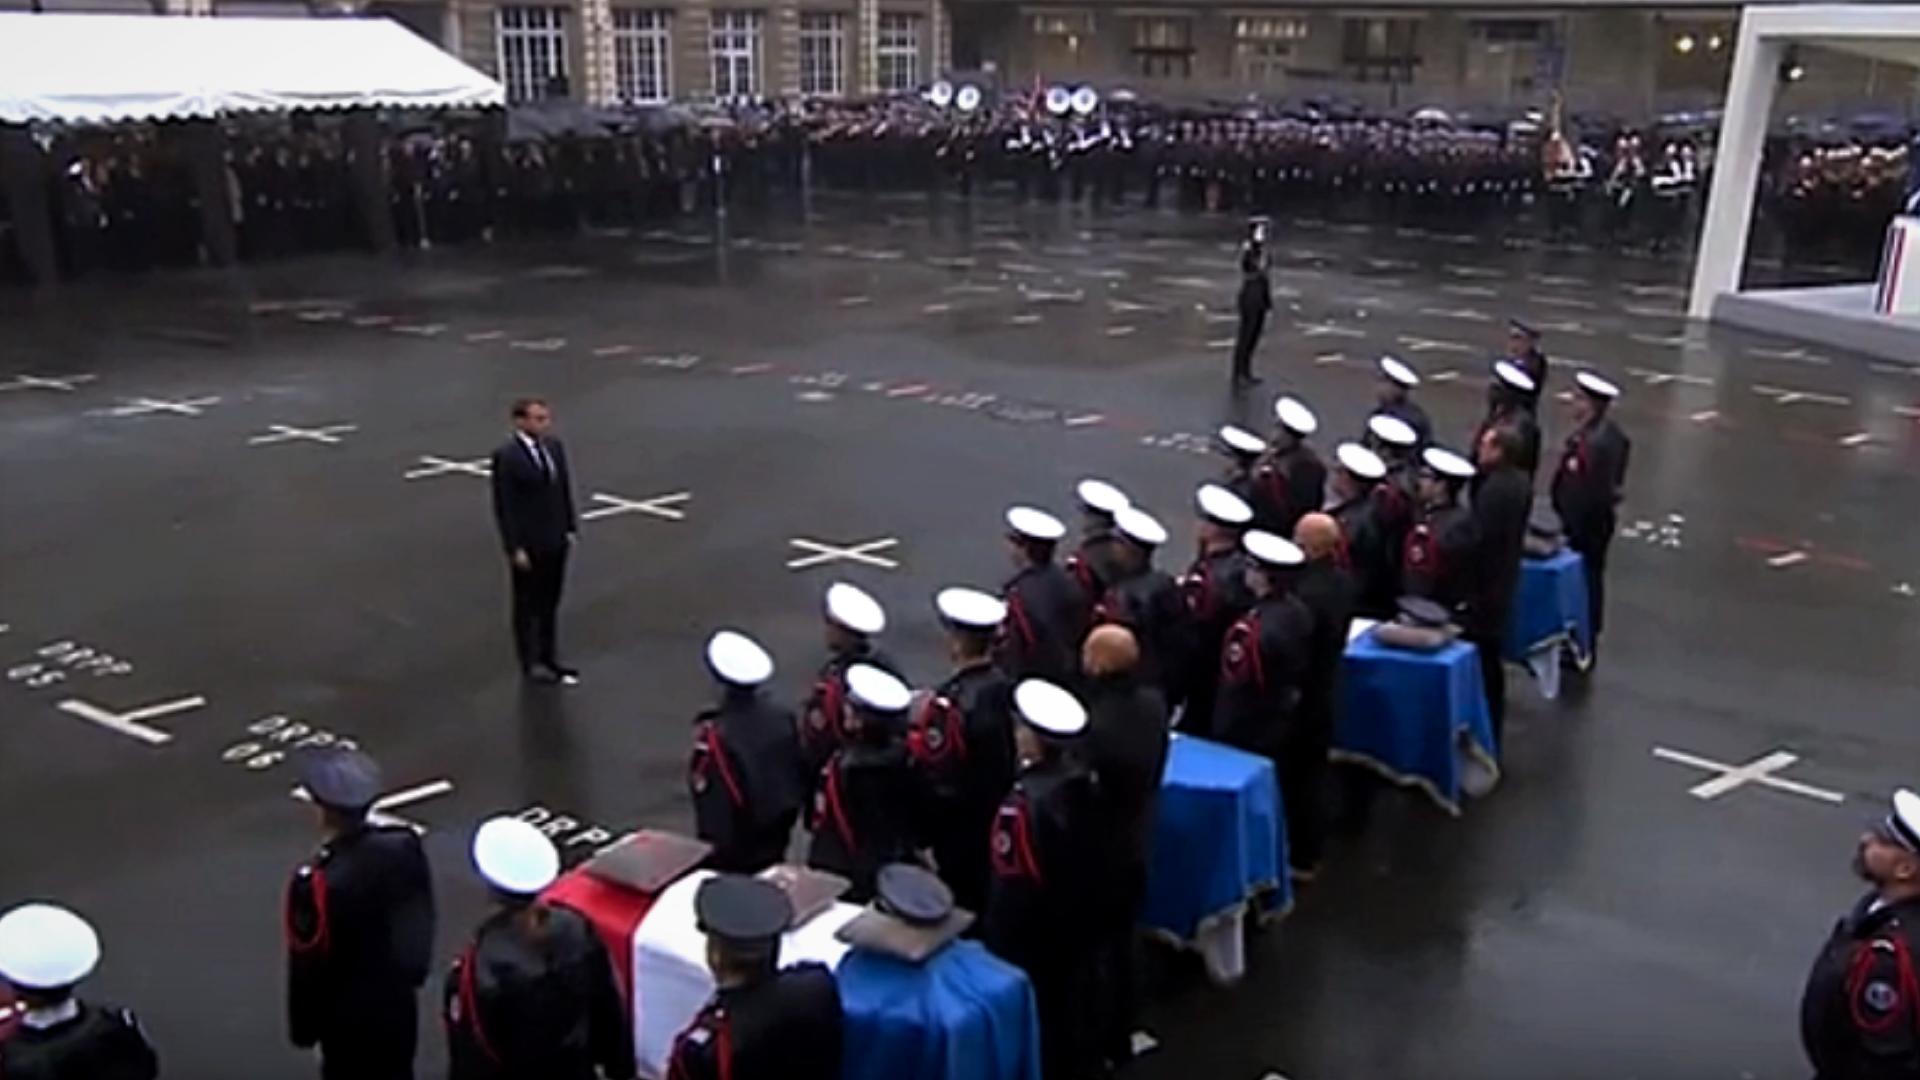 Cérémonie nationale d'hommage aux victimes de l'attaque du 3 octobre 2019 à la Préfecture de Police de Paris © Nathalie Khâ